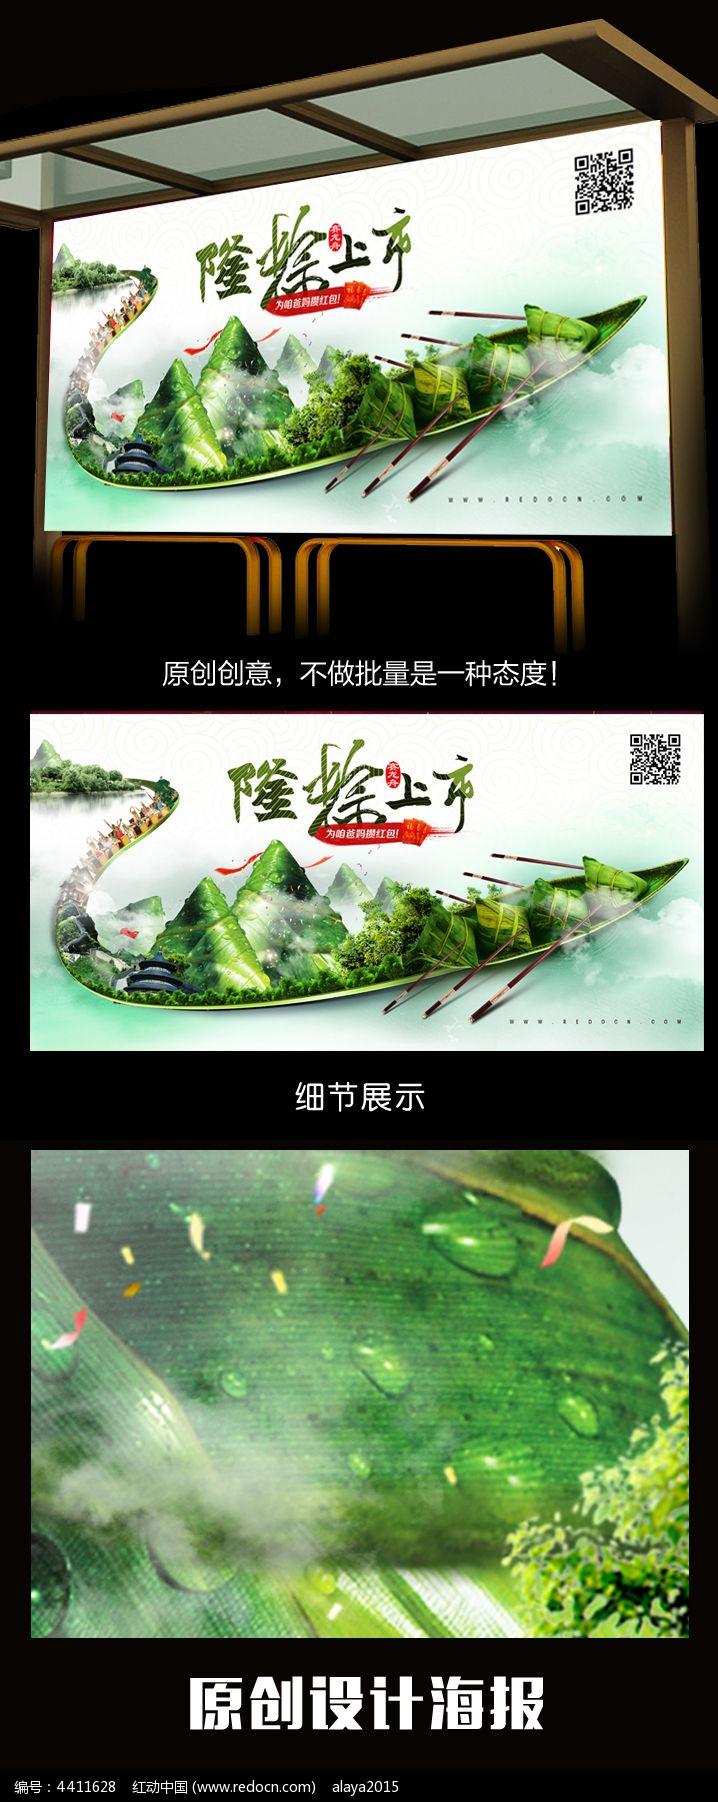 端午节粽子促销背景布图片